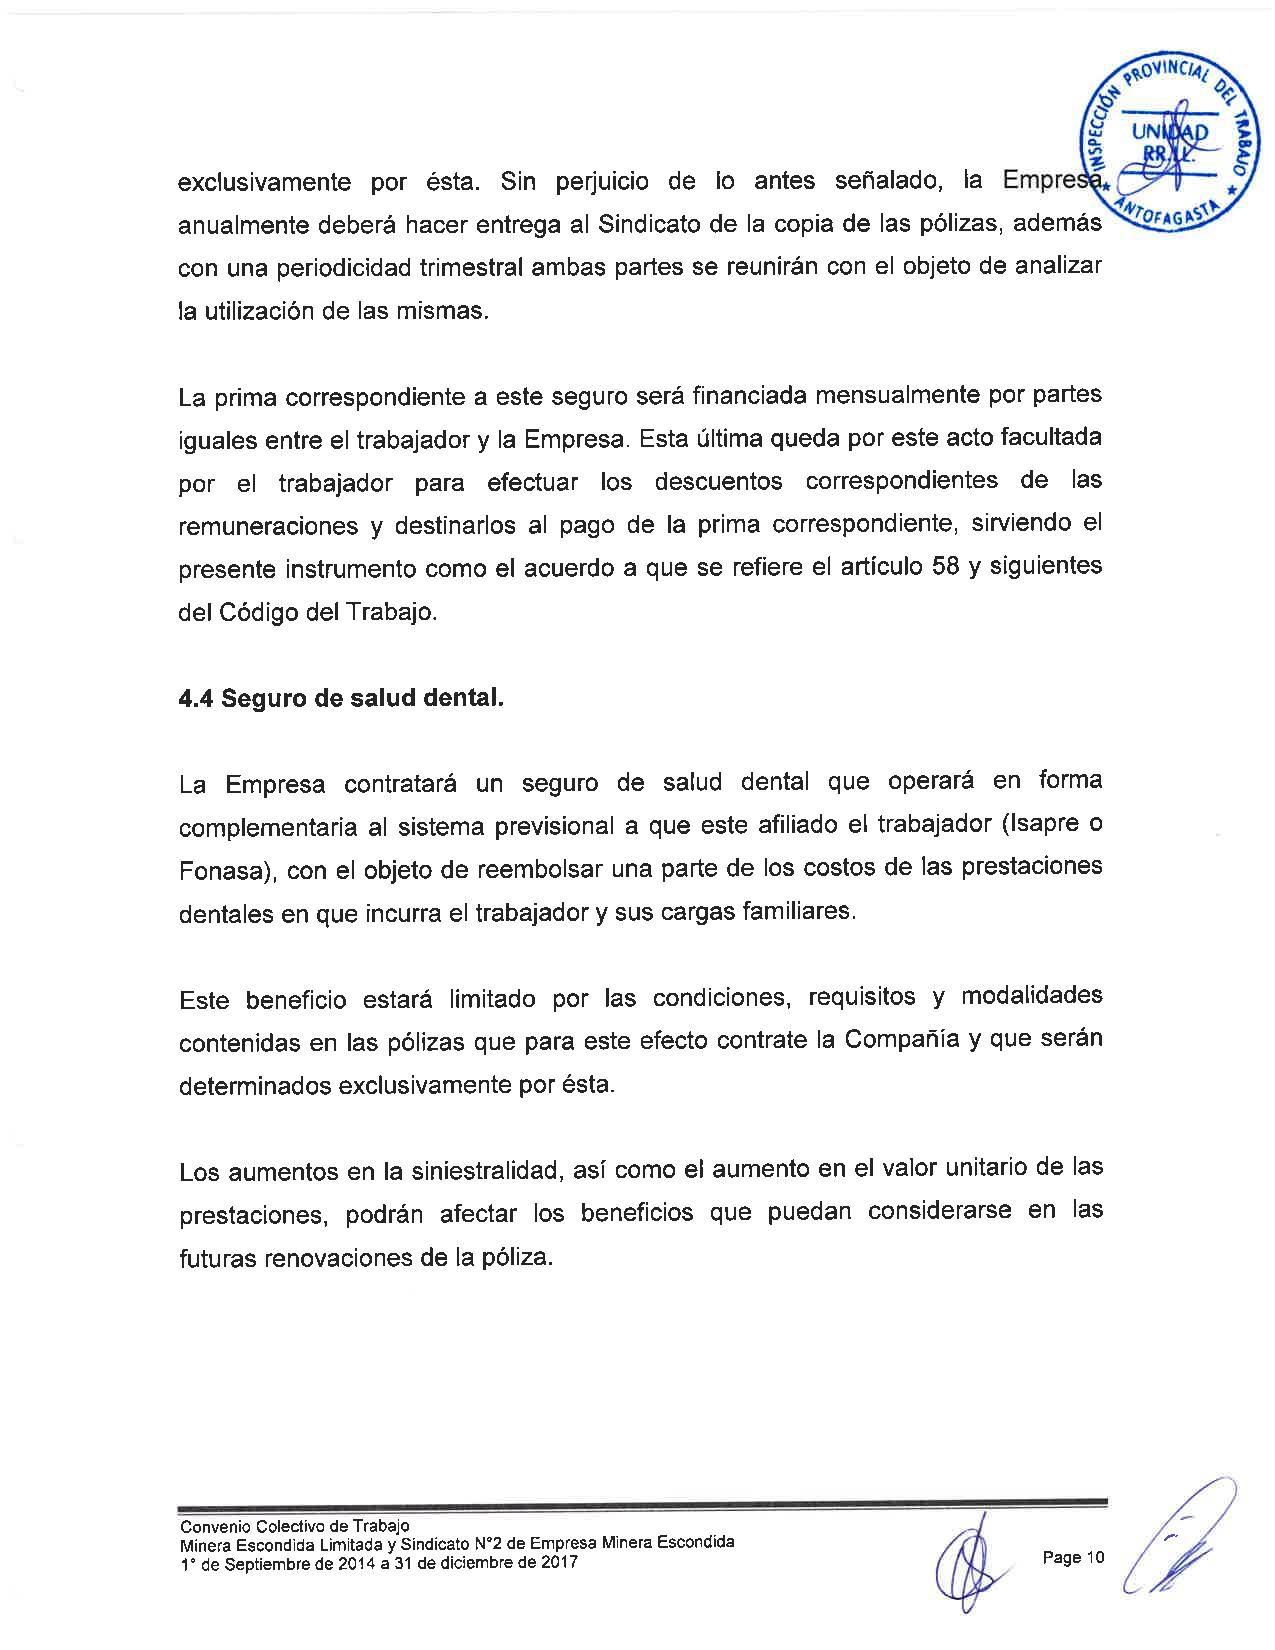 Página (10).jpg